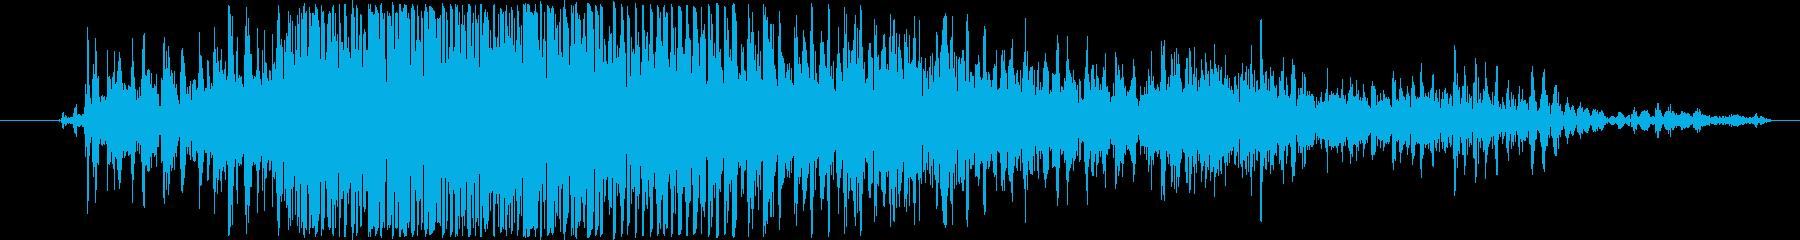 野獣 グラント01の再生済みの波形